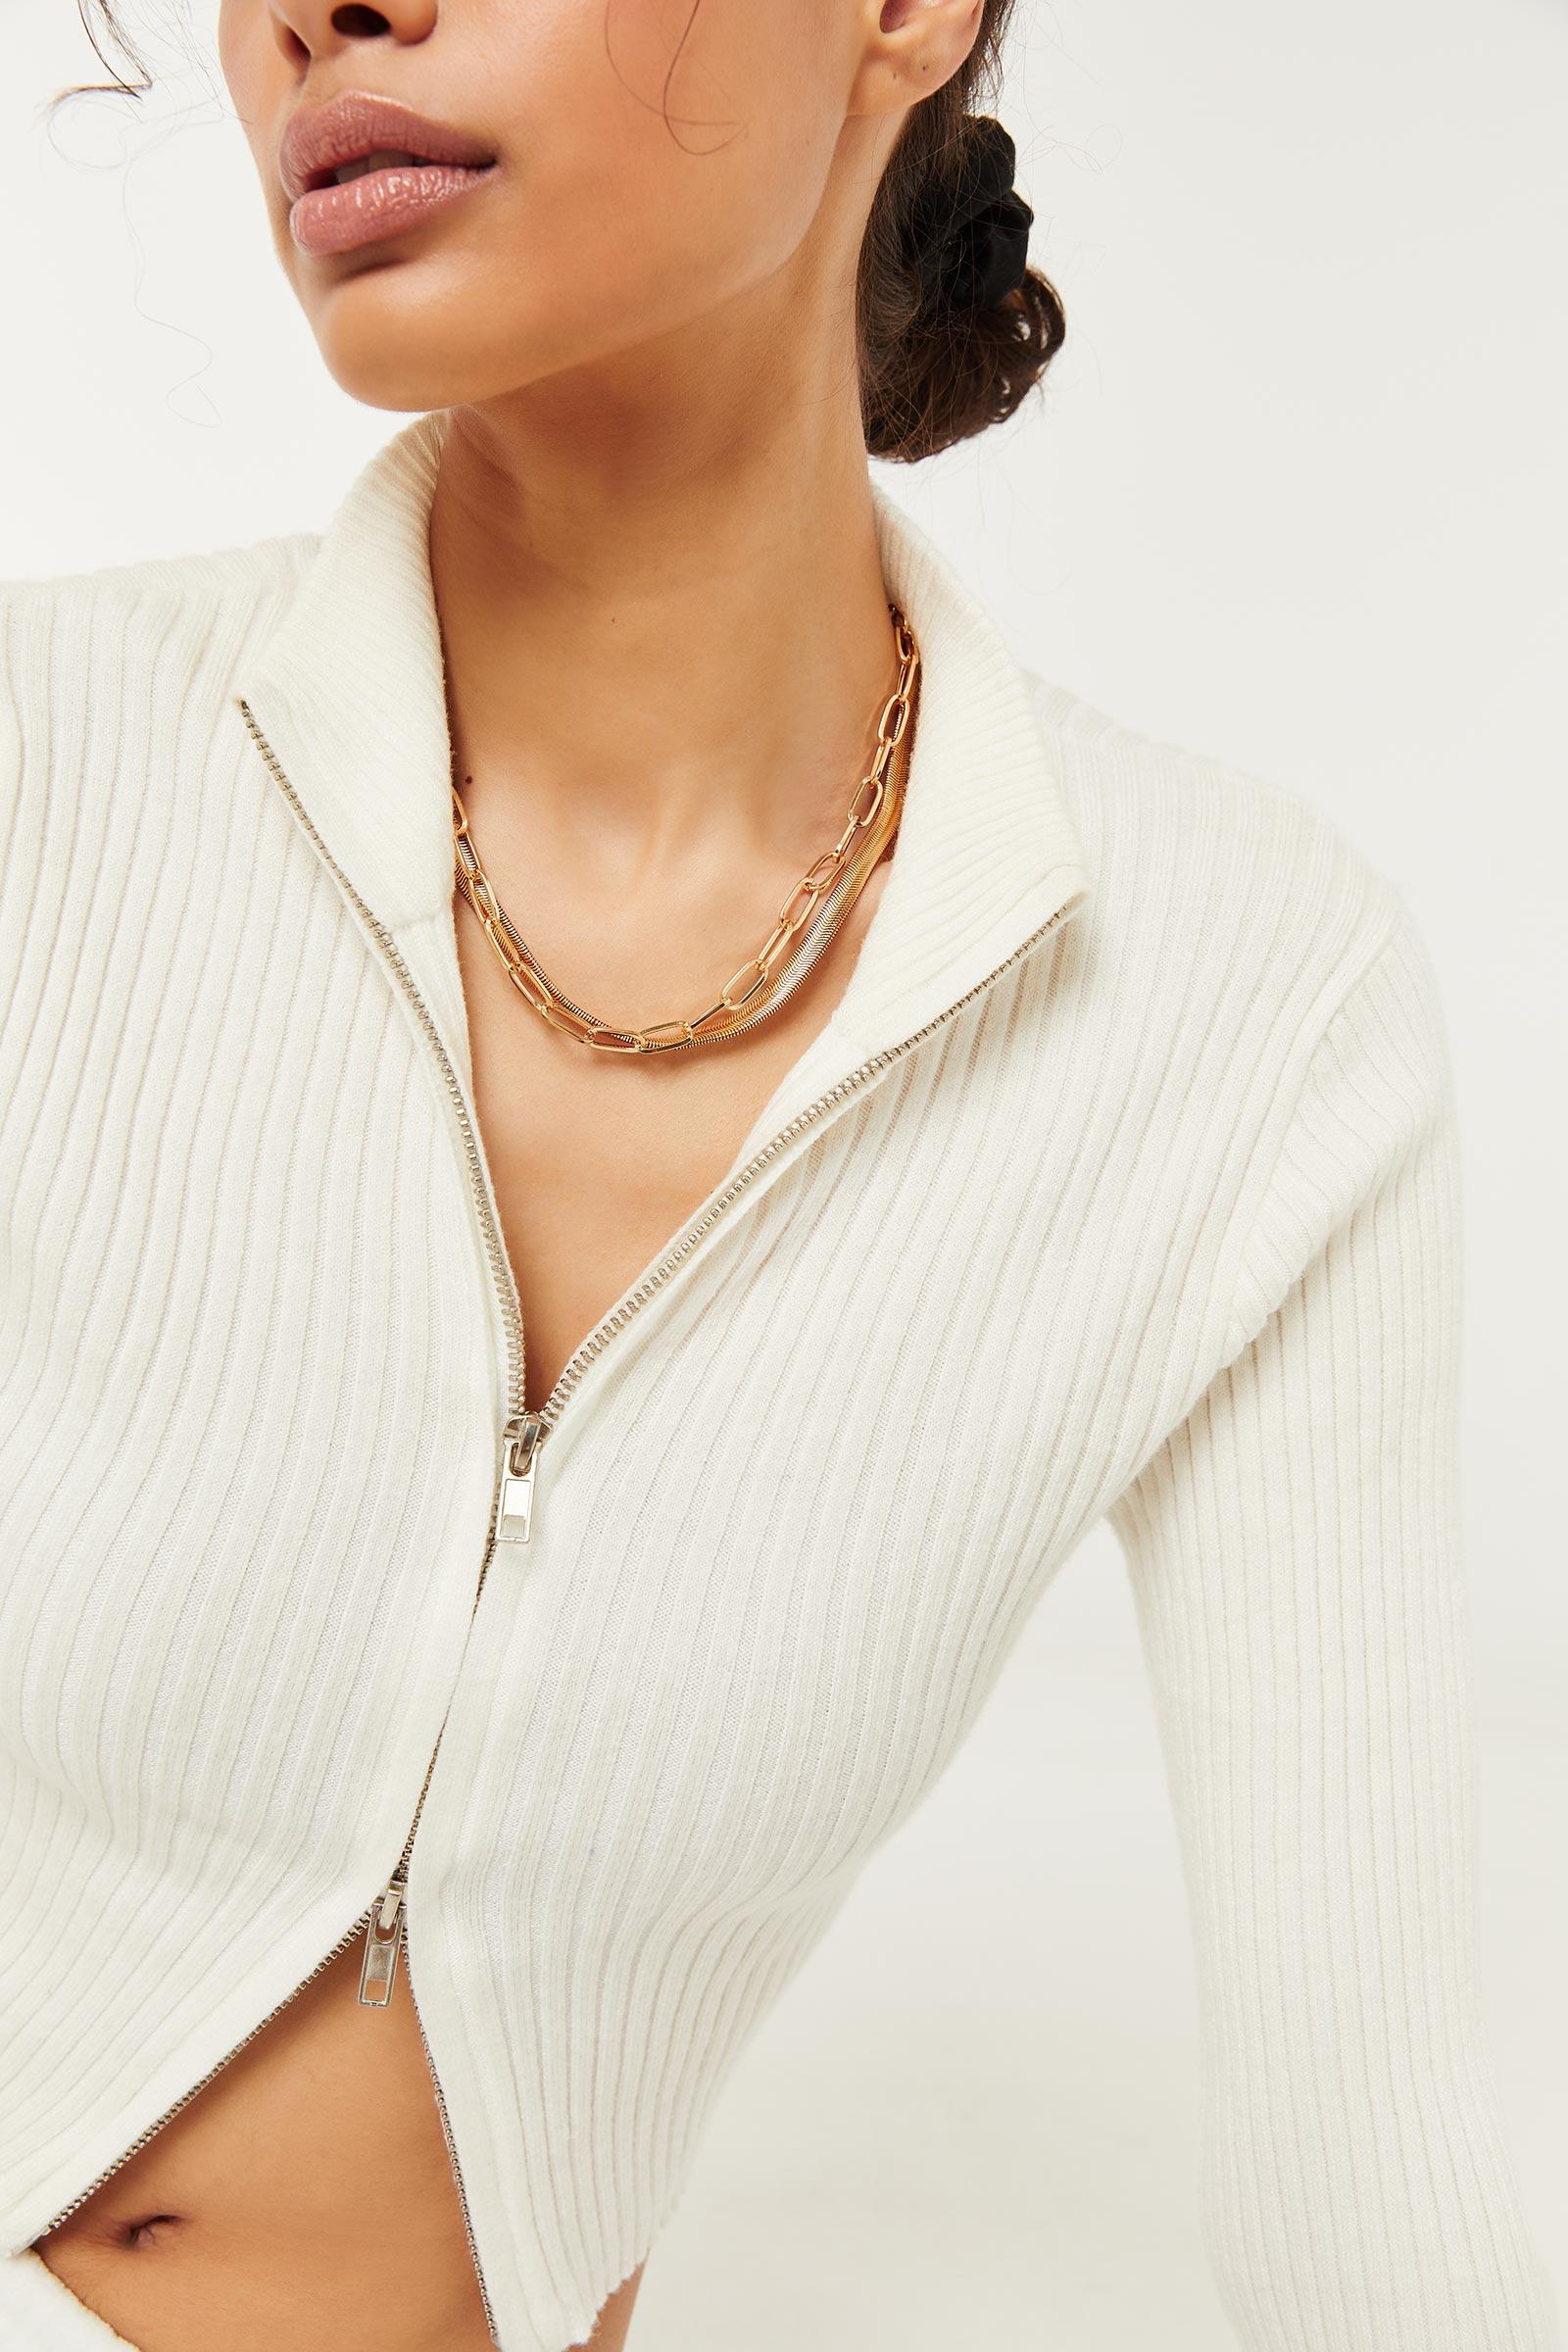 Multi-Strand Chain Necklace